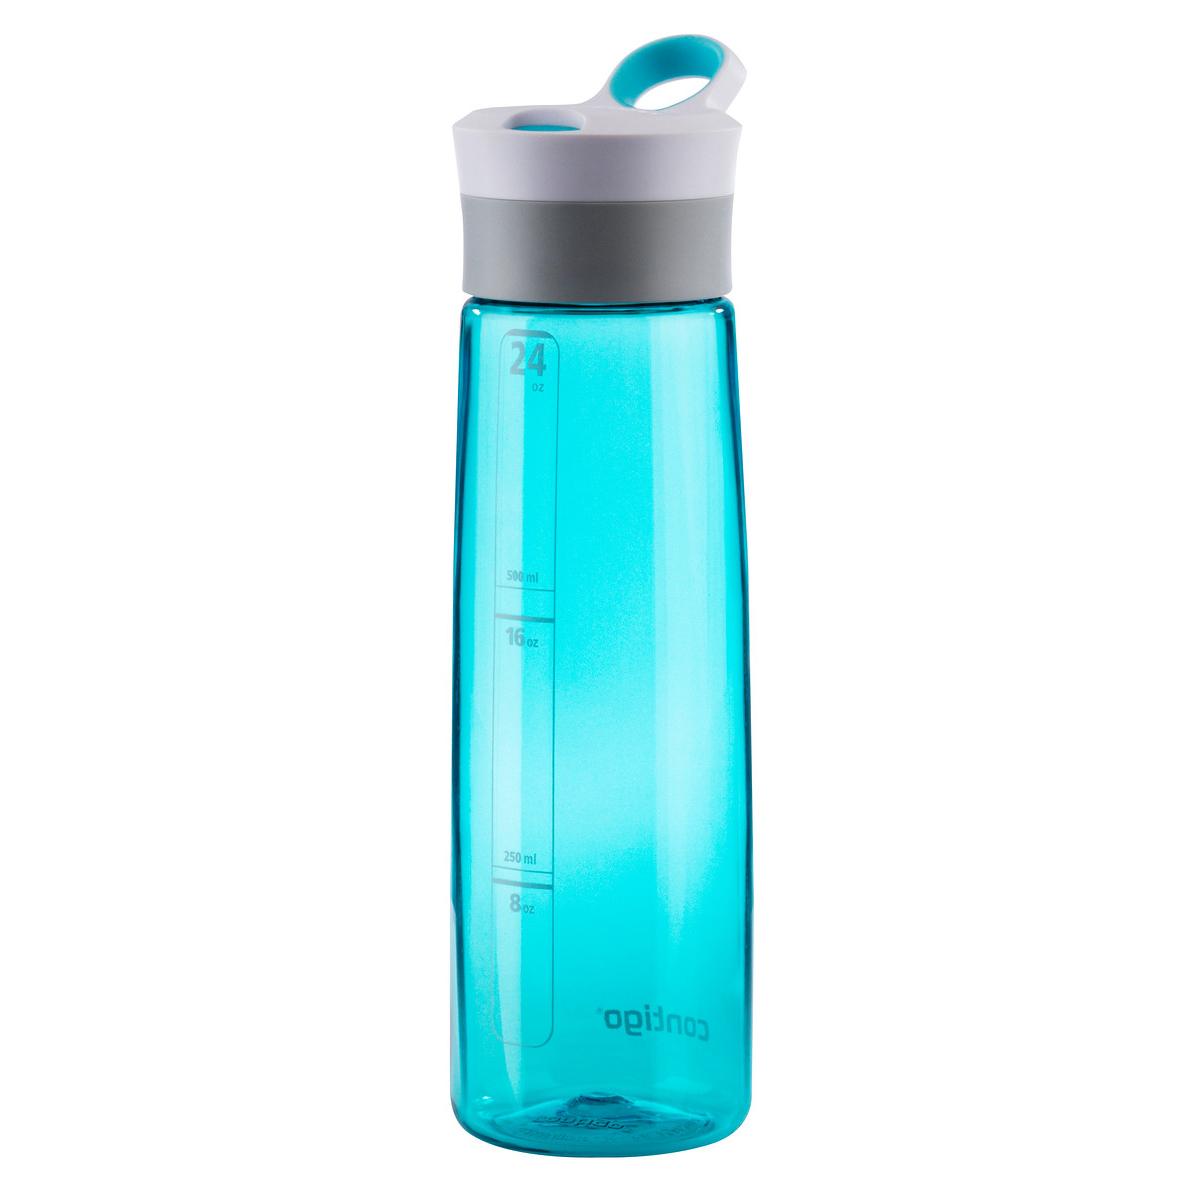 Бутылка для воды Contigo Grace, 750 млcontigo0204Бутылка для воды Contigo Grace сделана из ударопрочного пластика.Удобный носик для питья. Уникальная технология Autoseal обеспечивает особый комфорт во время питья. Автоматический клапан закрывается после каждого глотка и исключает проливание напитка.Объем 750 мл.